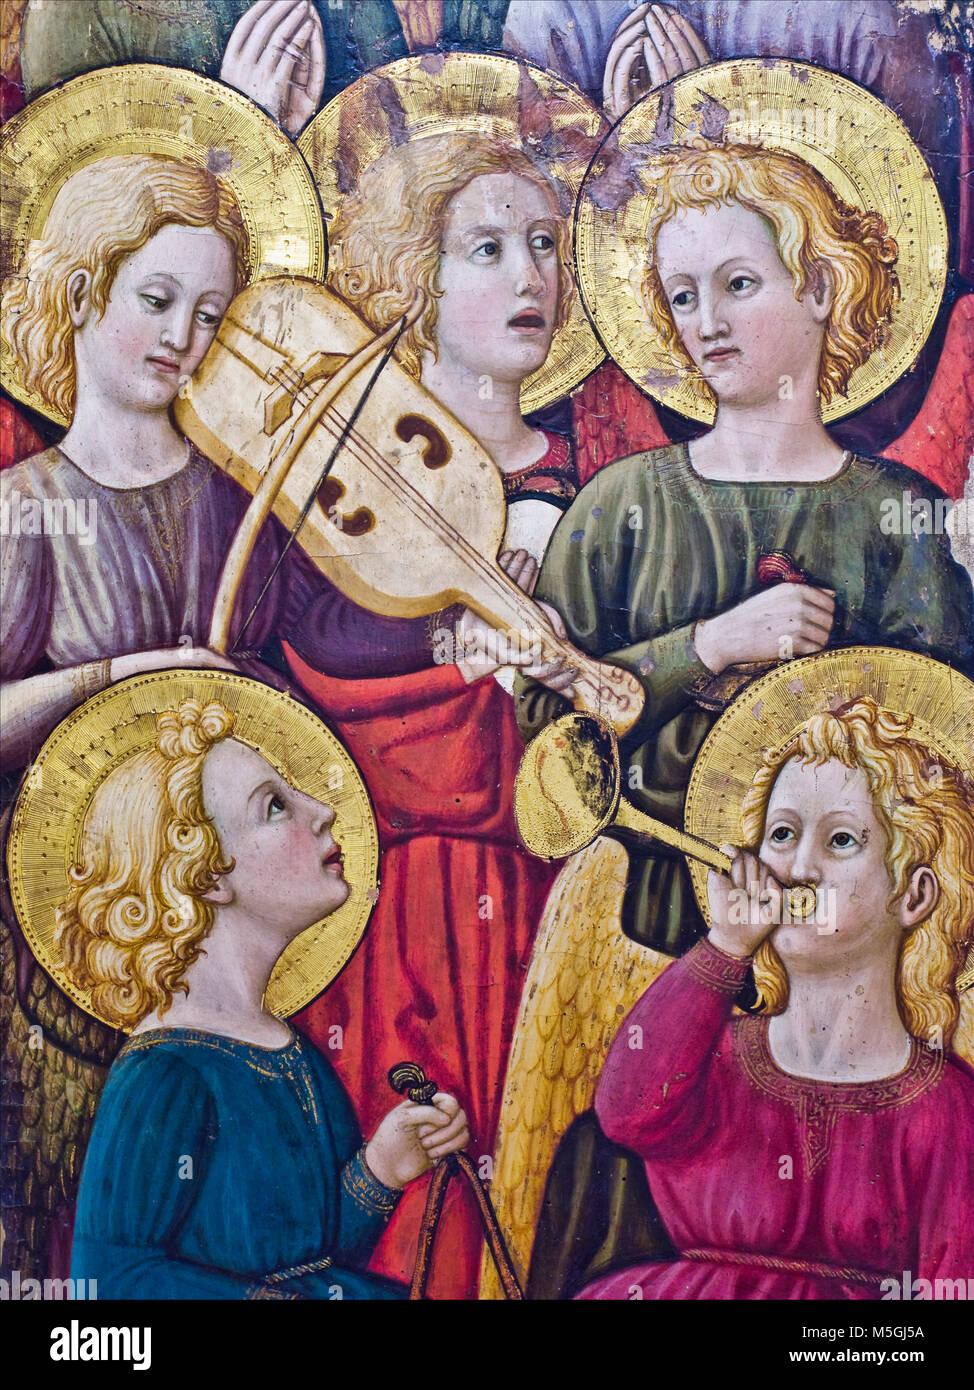 Chiesa di Santa Maria delle Grazie, museo, coro di angeli musicanti, San Giovanni Valdarno, Toscana, Italia Foto Stock